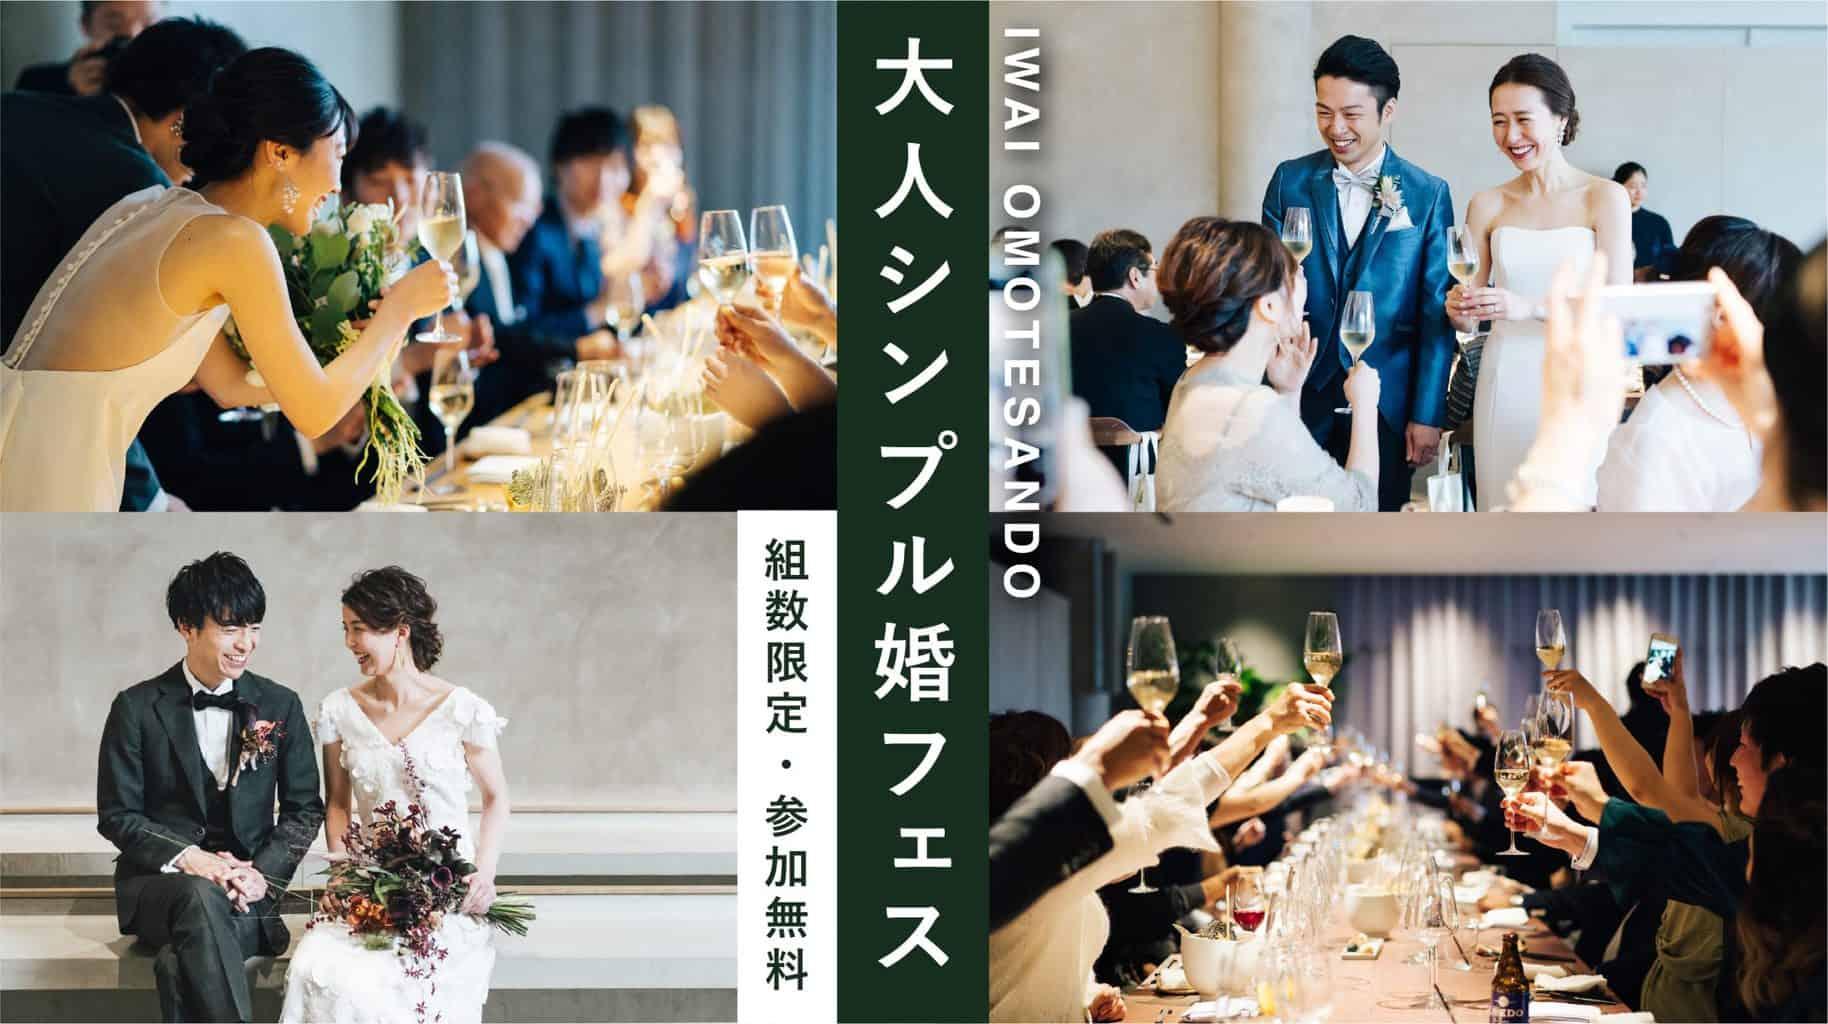 【オンライン相談も受付中】Withコロナ時代でもできる自分らしい結婚式を探しているあなたに『オトナシンプル婚フェス』のカバー写真